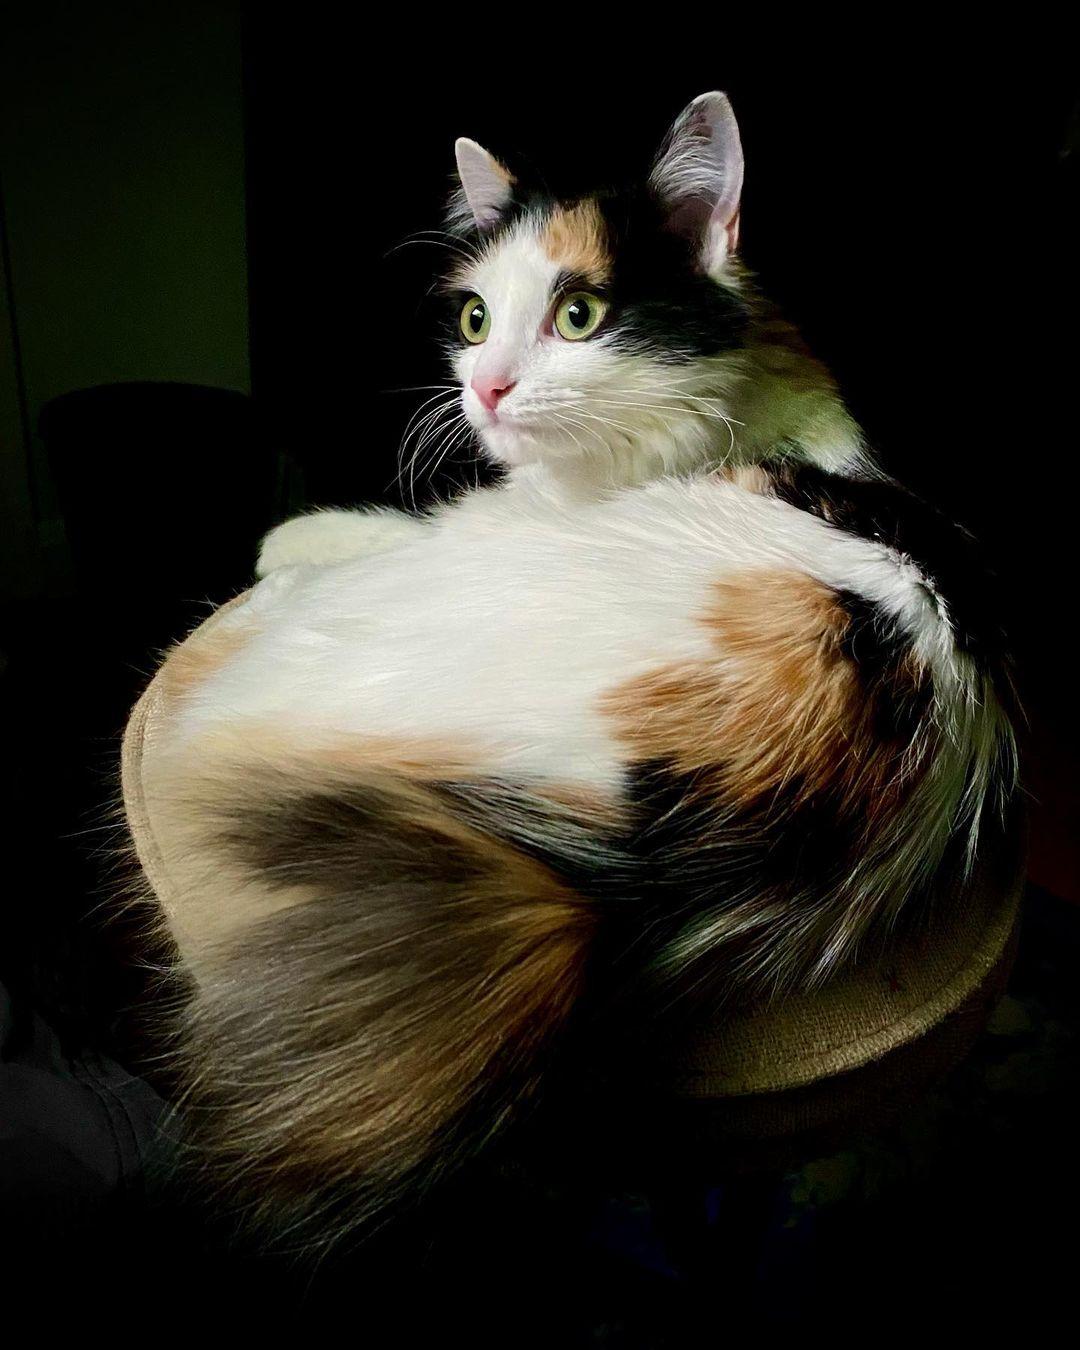 Mèo Bobtail Nhật Bản - Giống mèo đuôi dài đến từ Nhật Bản